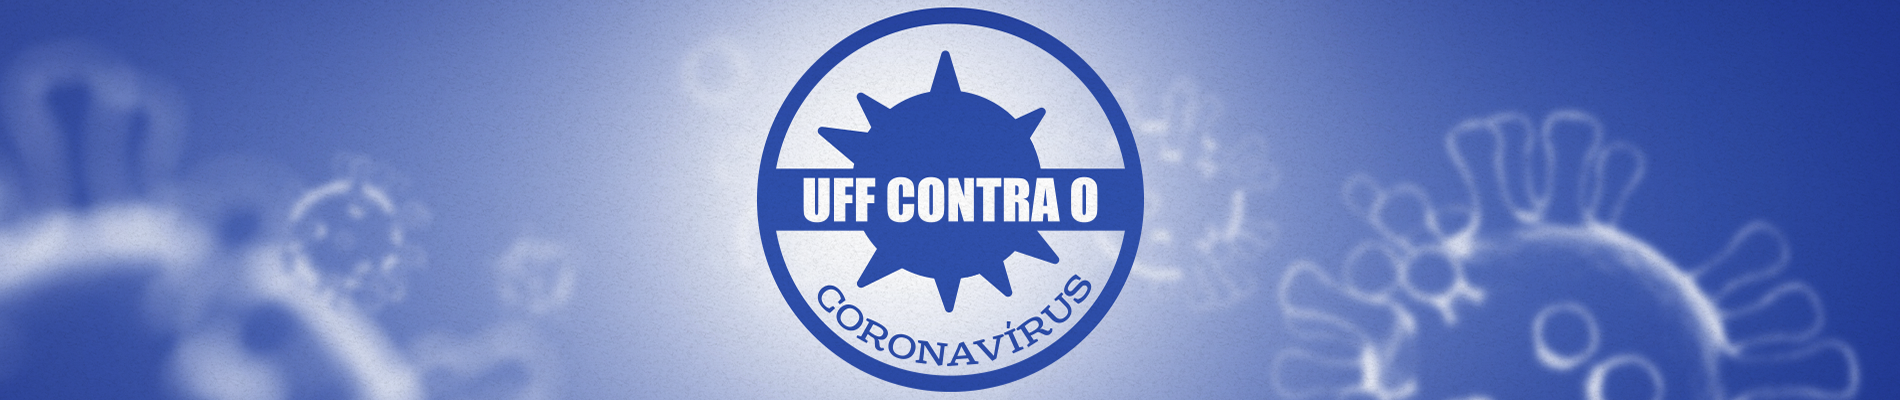 Banner azul com uma logo com a seguinte frase: UFF contra o coronavírus